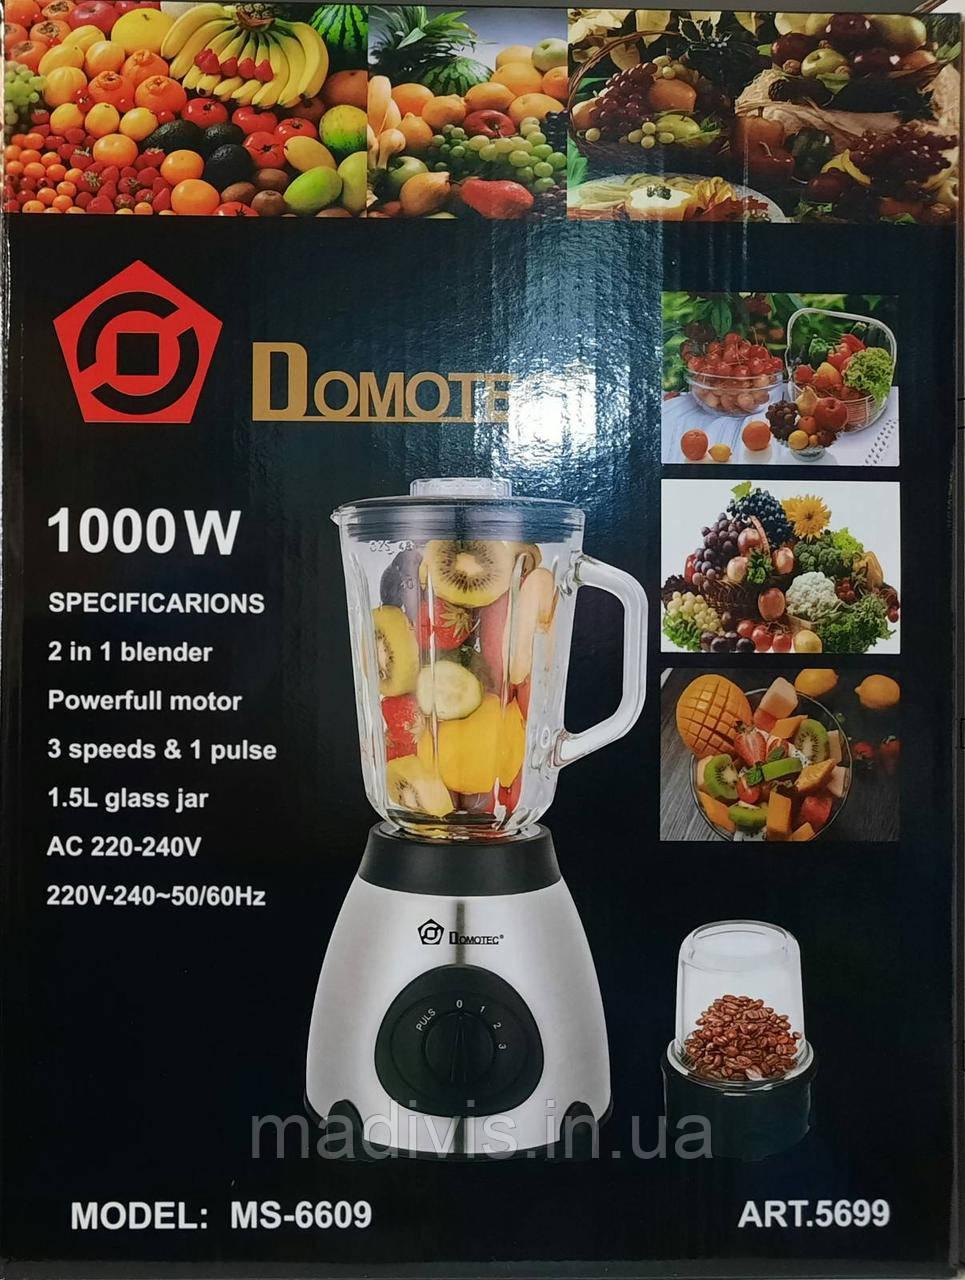 Блендер-стаціонарний подрібнювач Domotec MS-6609 кавомолкою (скляна чаша)